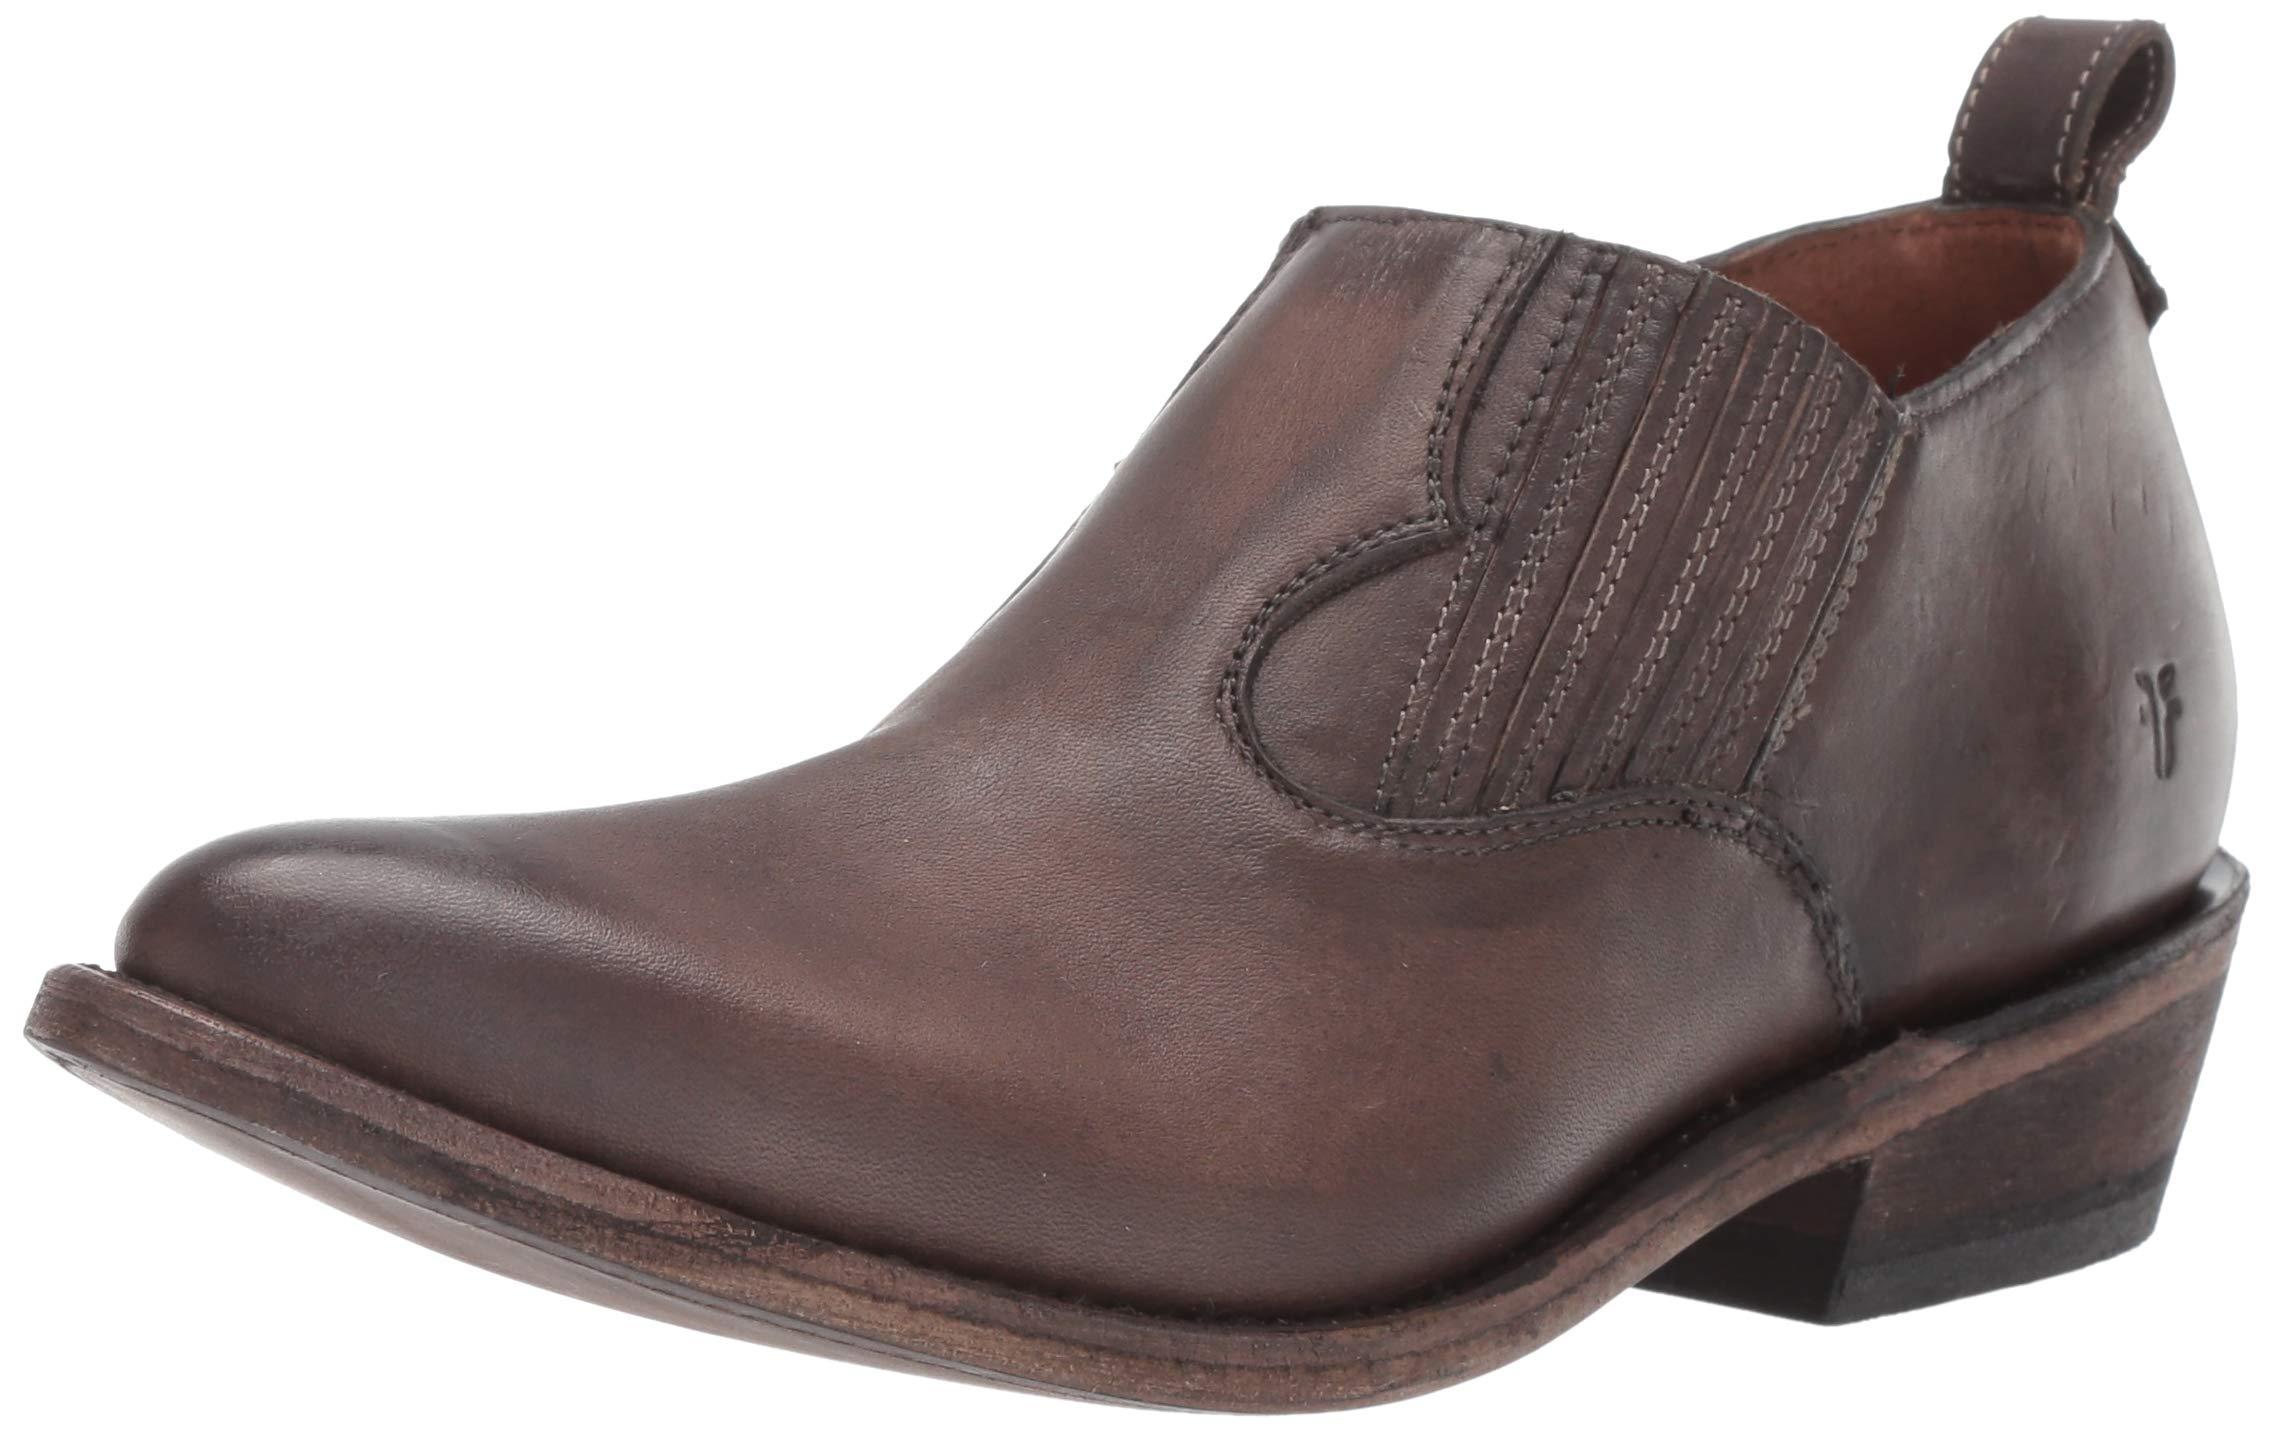 FRYE Women's Billy Shootie Western Boot, Smoke